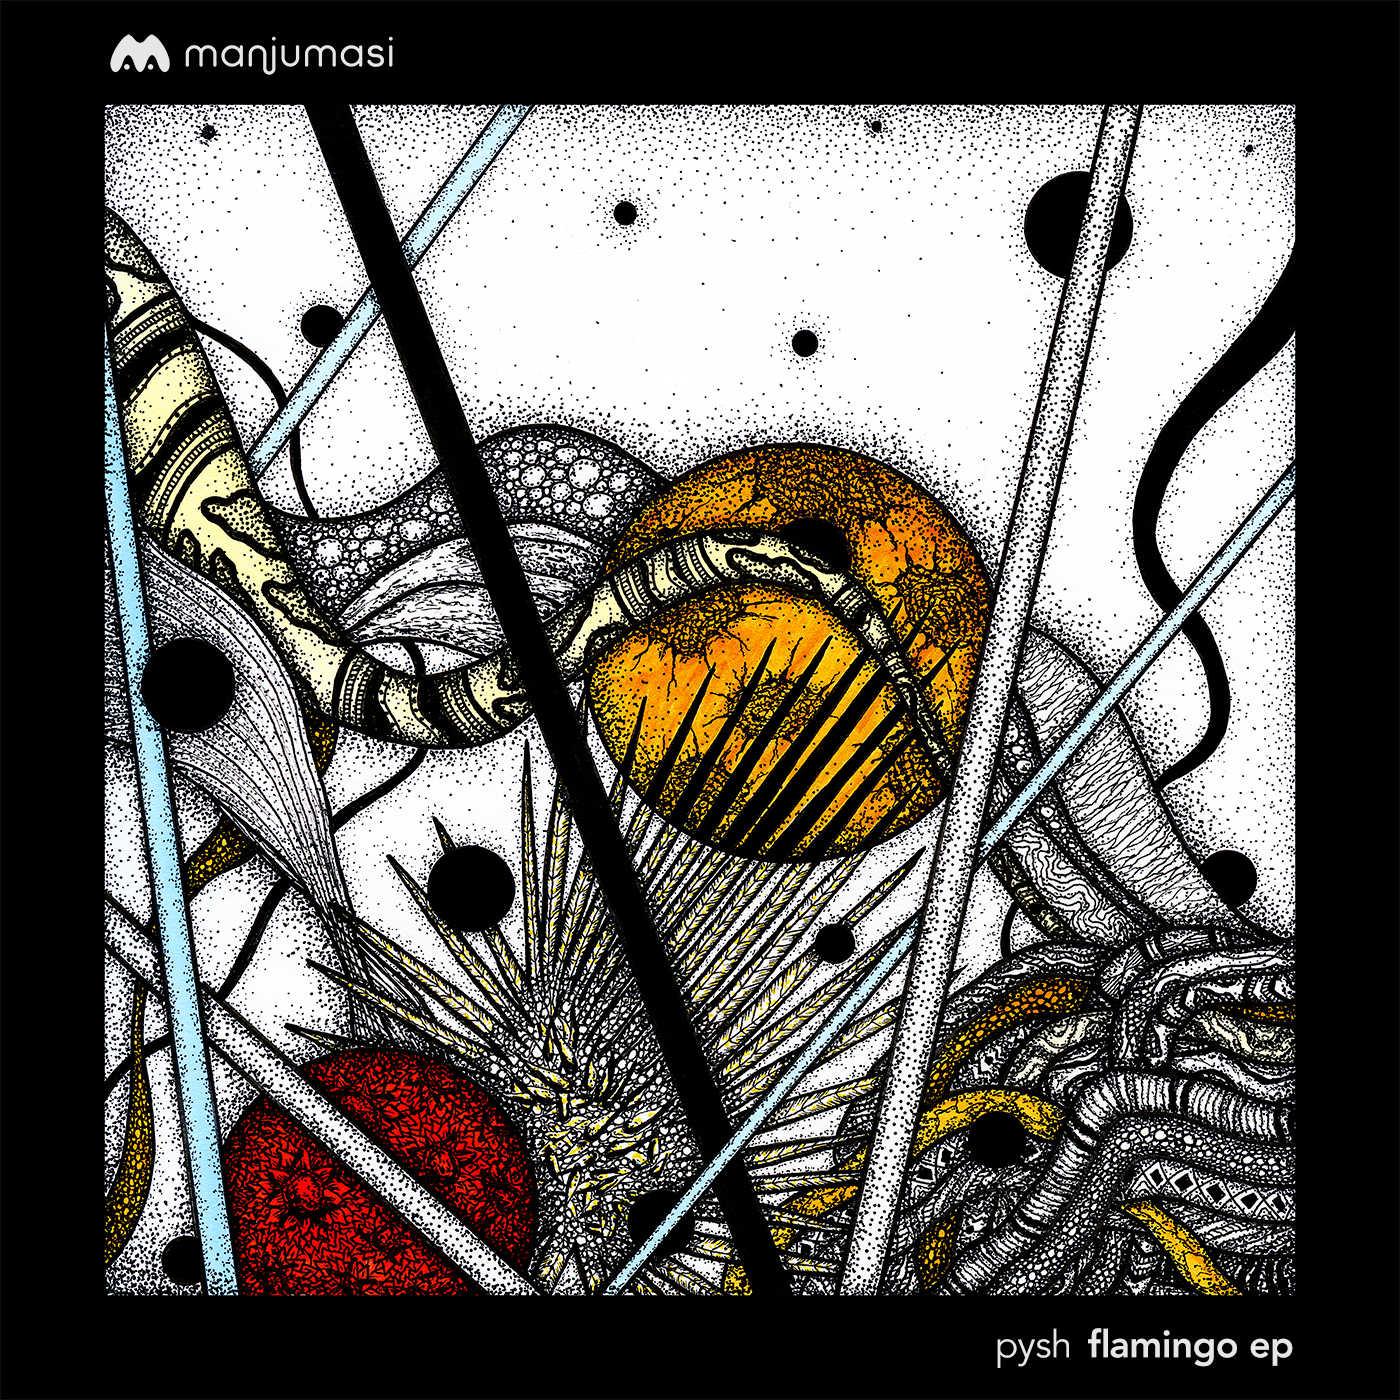 Pysh – Flamingo (Markus Homm & Mihai Popoviciu Remix)(Manjumasi)